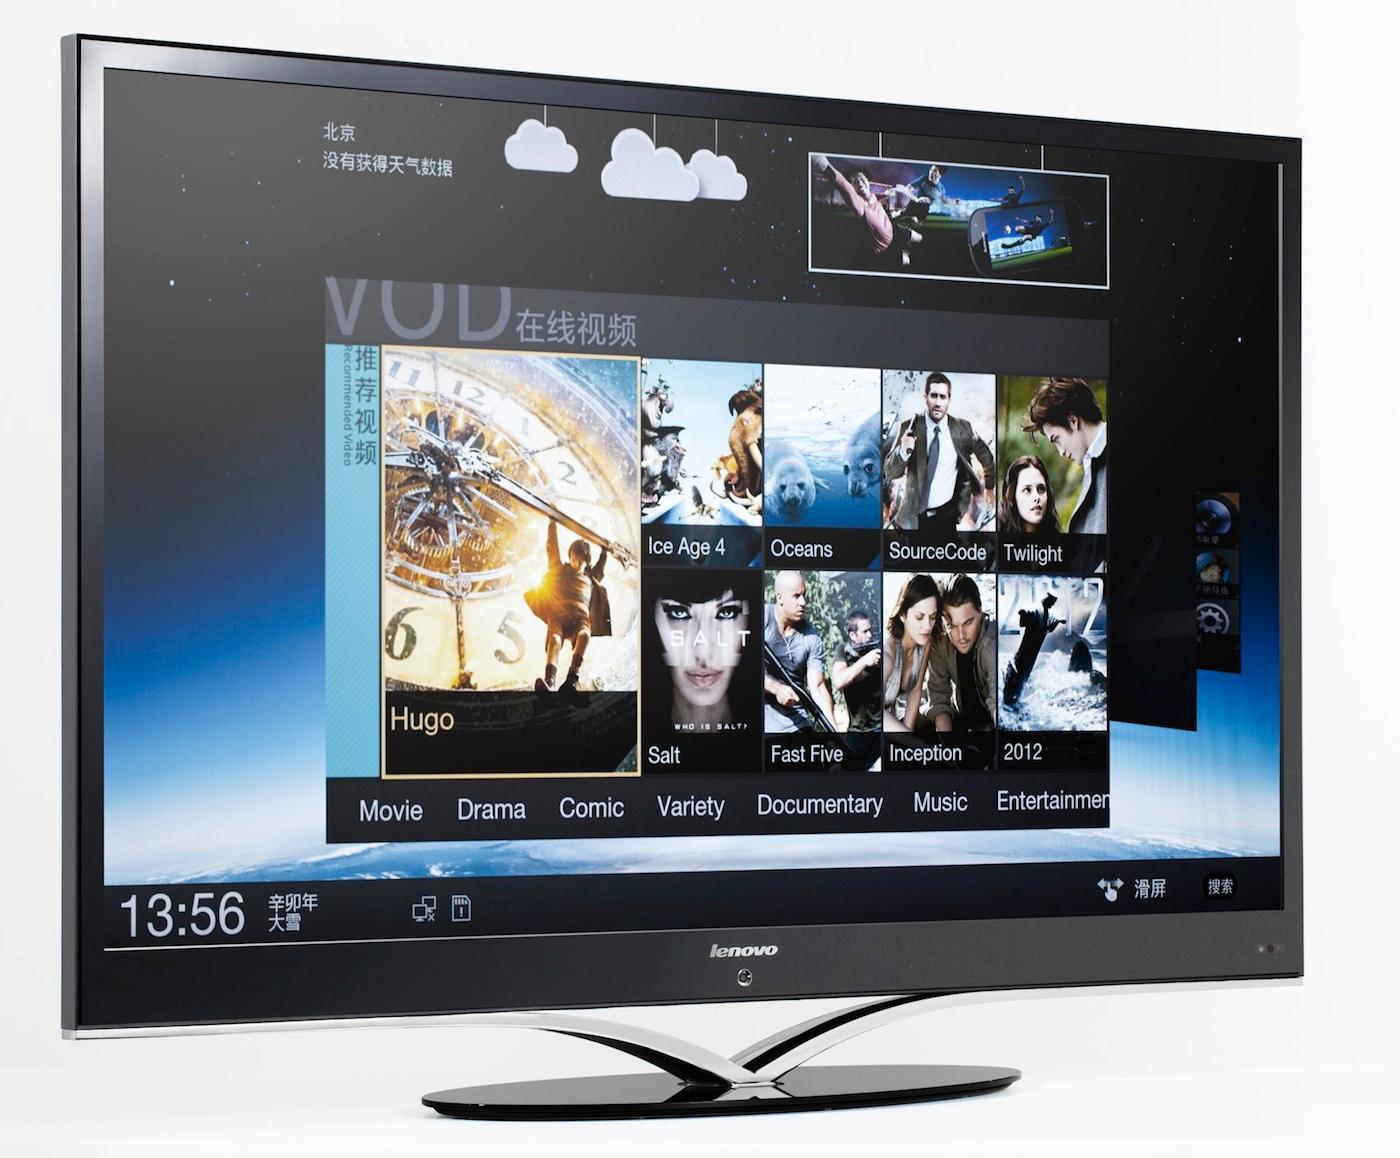 Denne TV-en fra Lenovo kjører på en dual core-prosessor.Foto: Lenovo